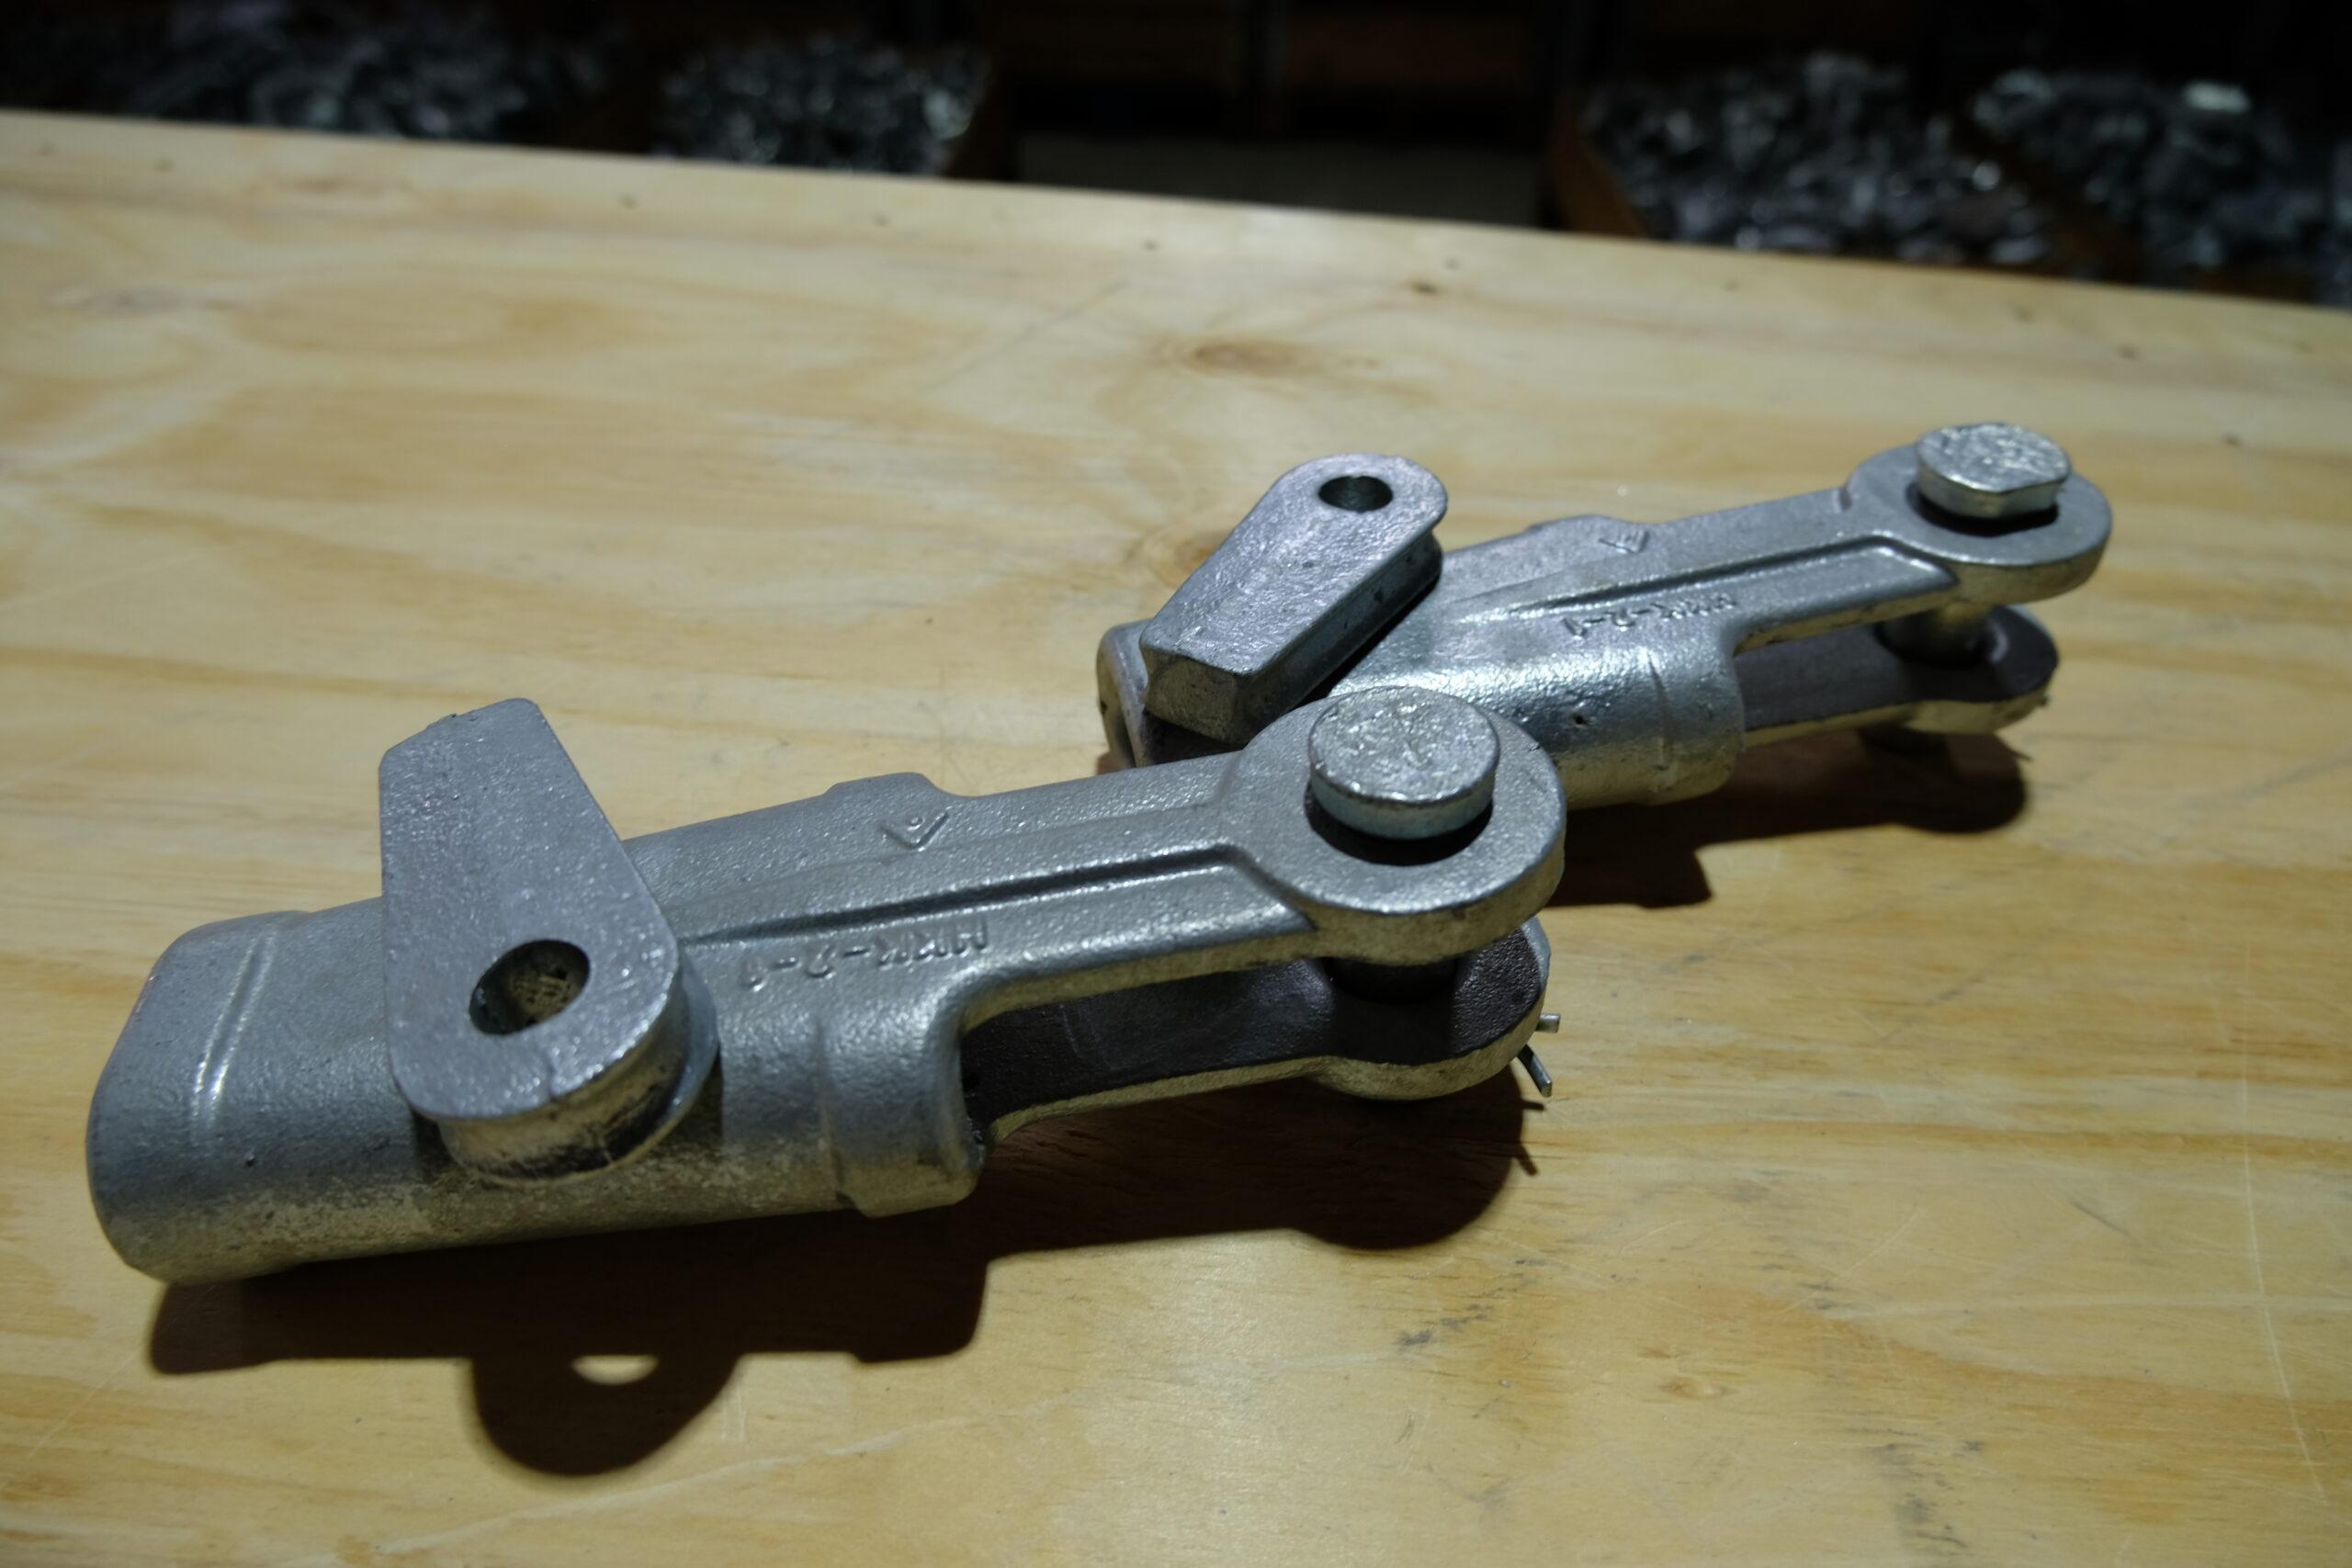 NKK 2 1 scaled - Зажимы натяжные клиновые НКК